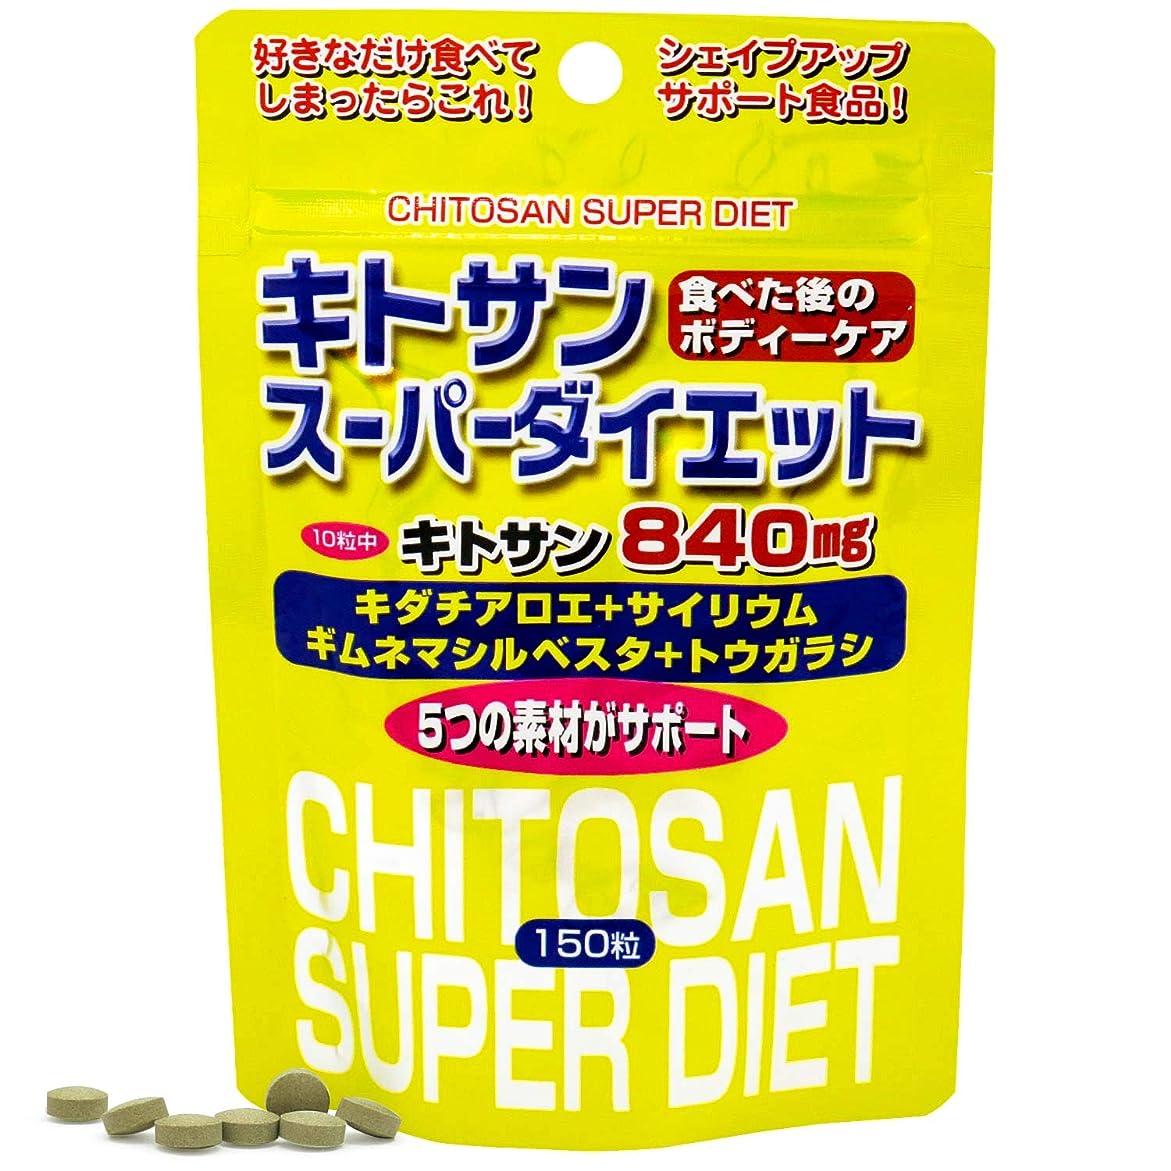 シマウマ賠償ワイドユウキ製薬 スタンドパック キトサンスーパーダイエット 15-21日分 150粒